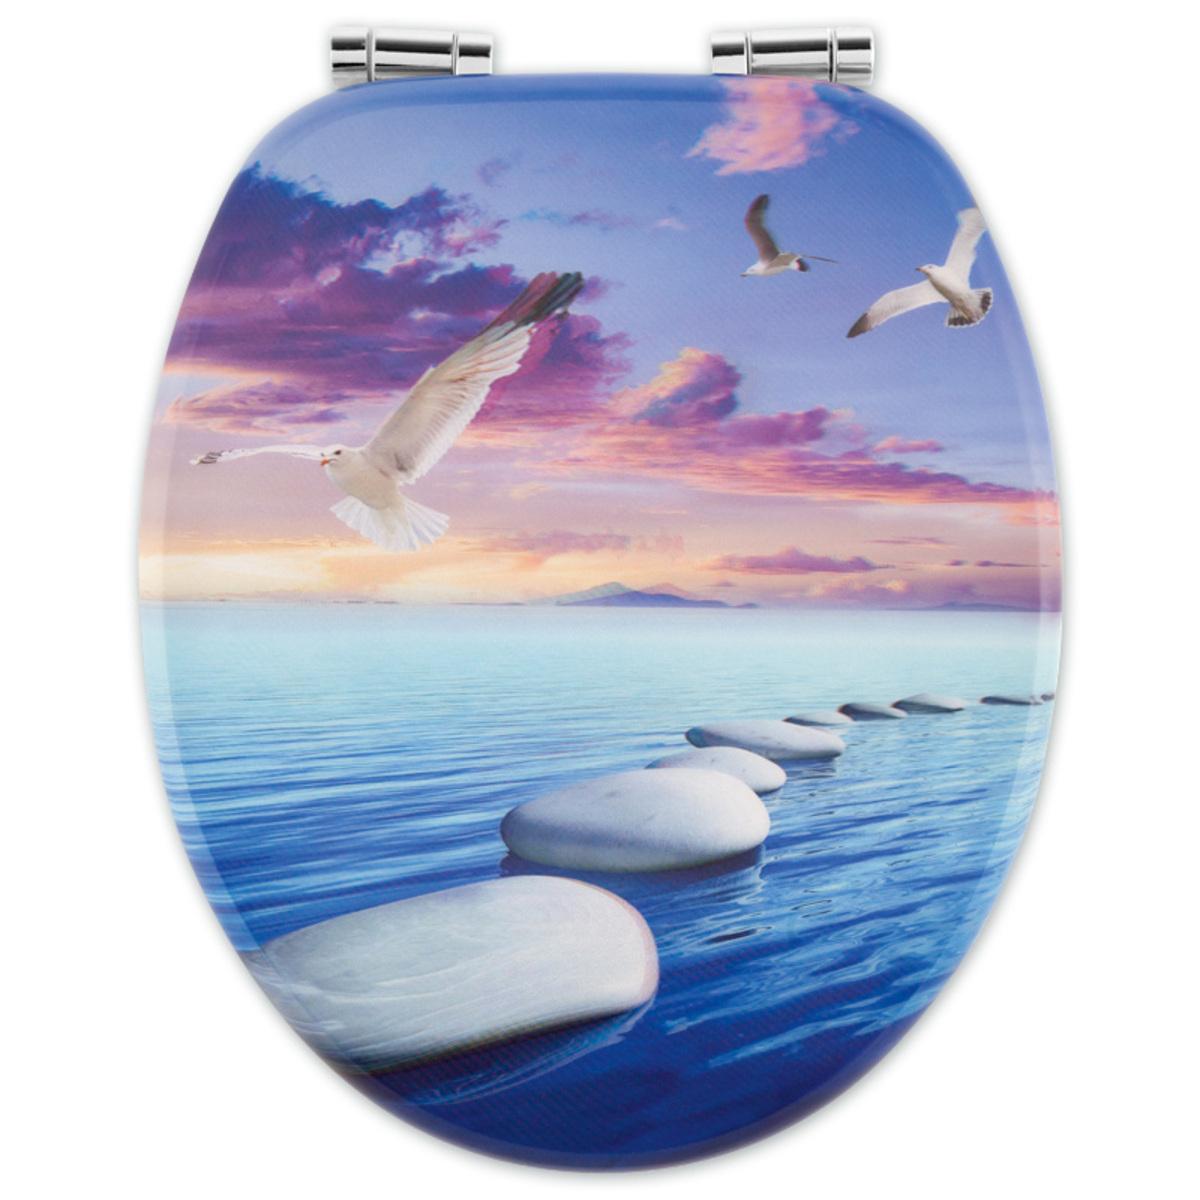 Bild 2 von Badkomfort 3D-WC-Sitz